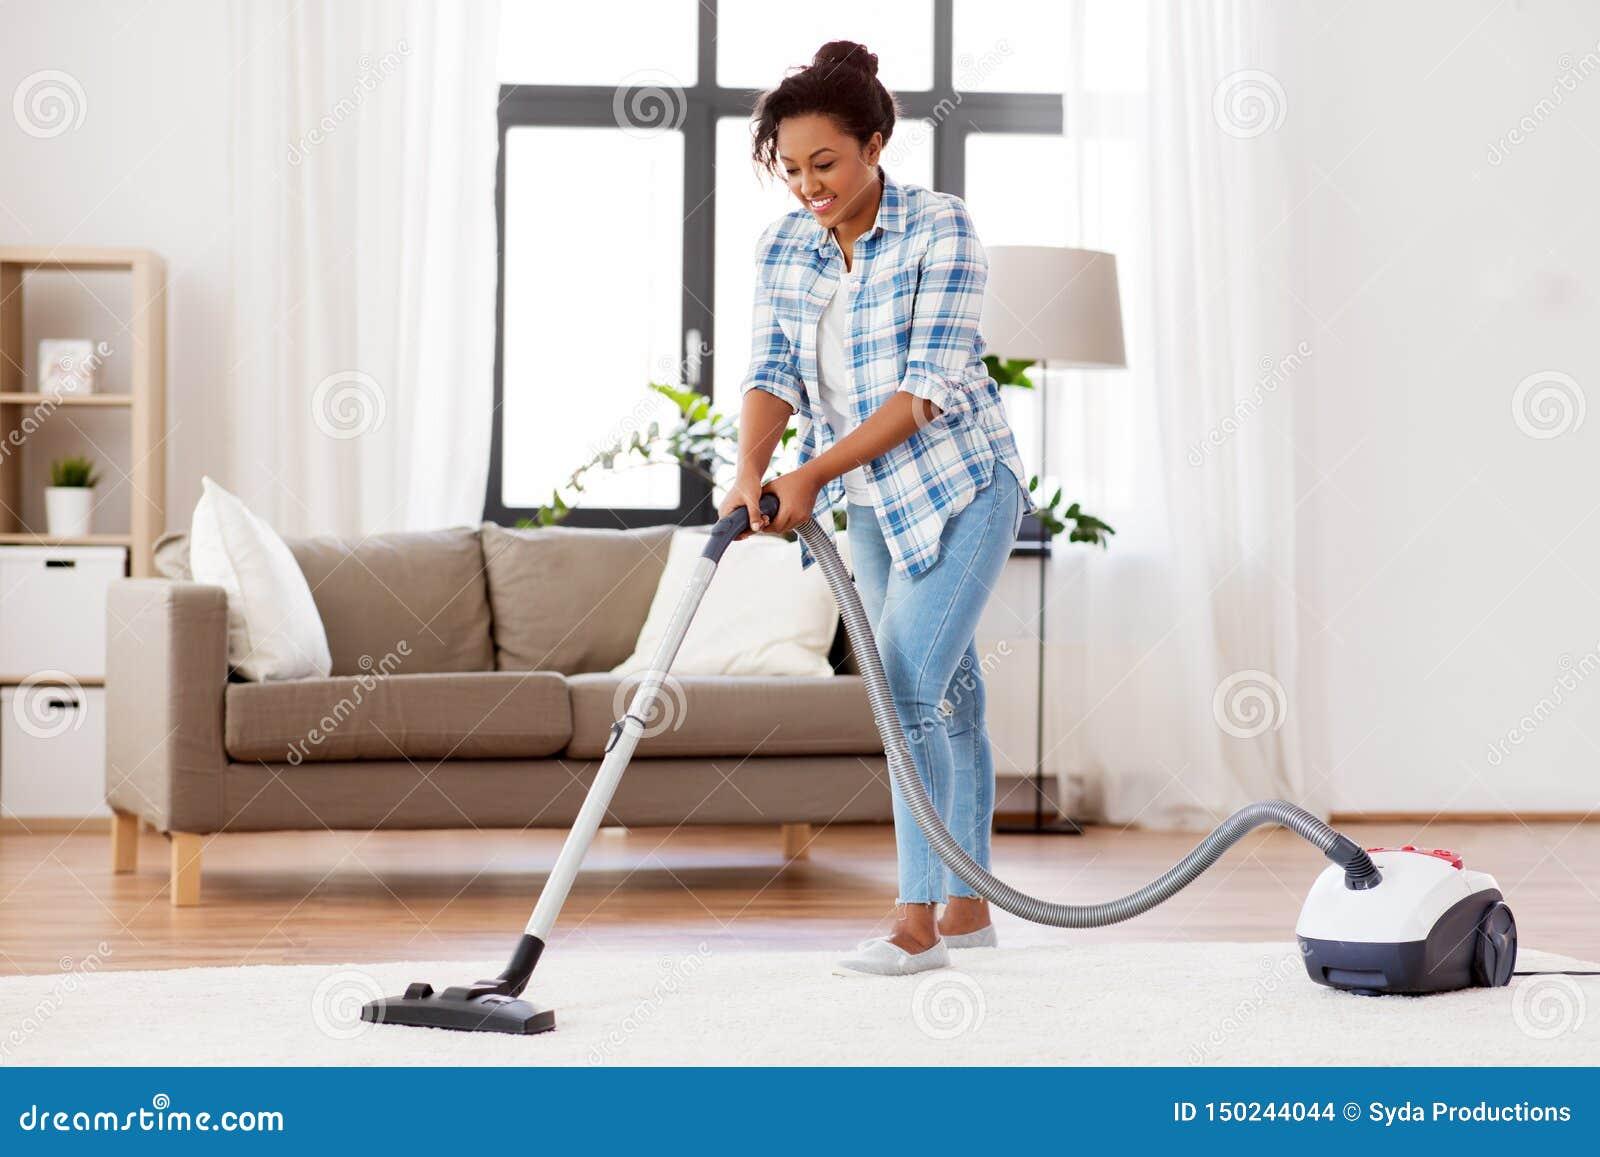 Mujer o ama de casa con el aspirador en casa